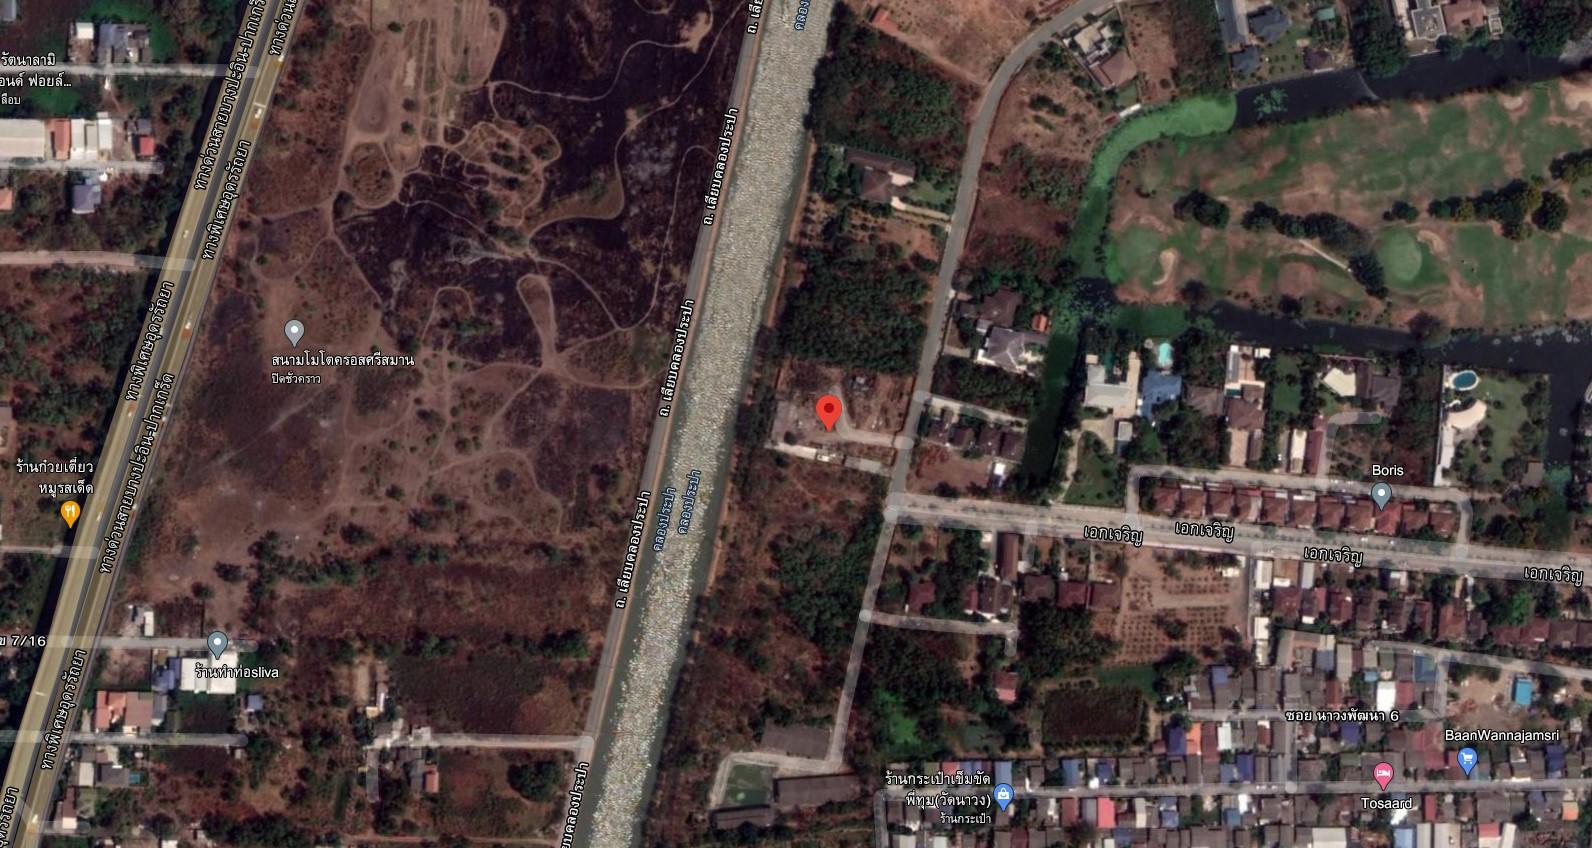 ภาพV&C L#00204-ที่ดินเปล่า เมืองเอก 1-1-69 ไร่ ถ.เอกเจริญ  ต.หลักหก อ.เมือง จ.ปทุมธานี